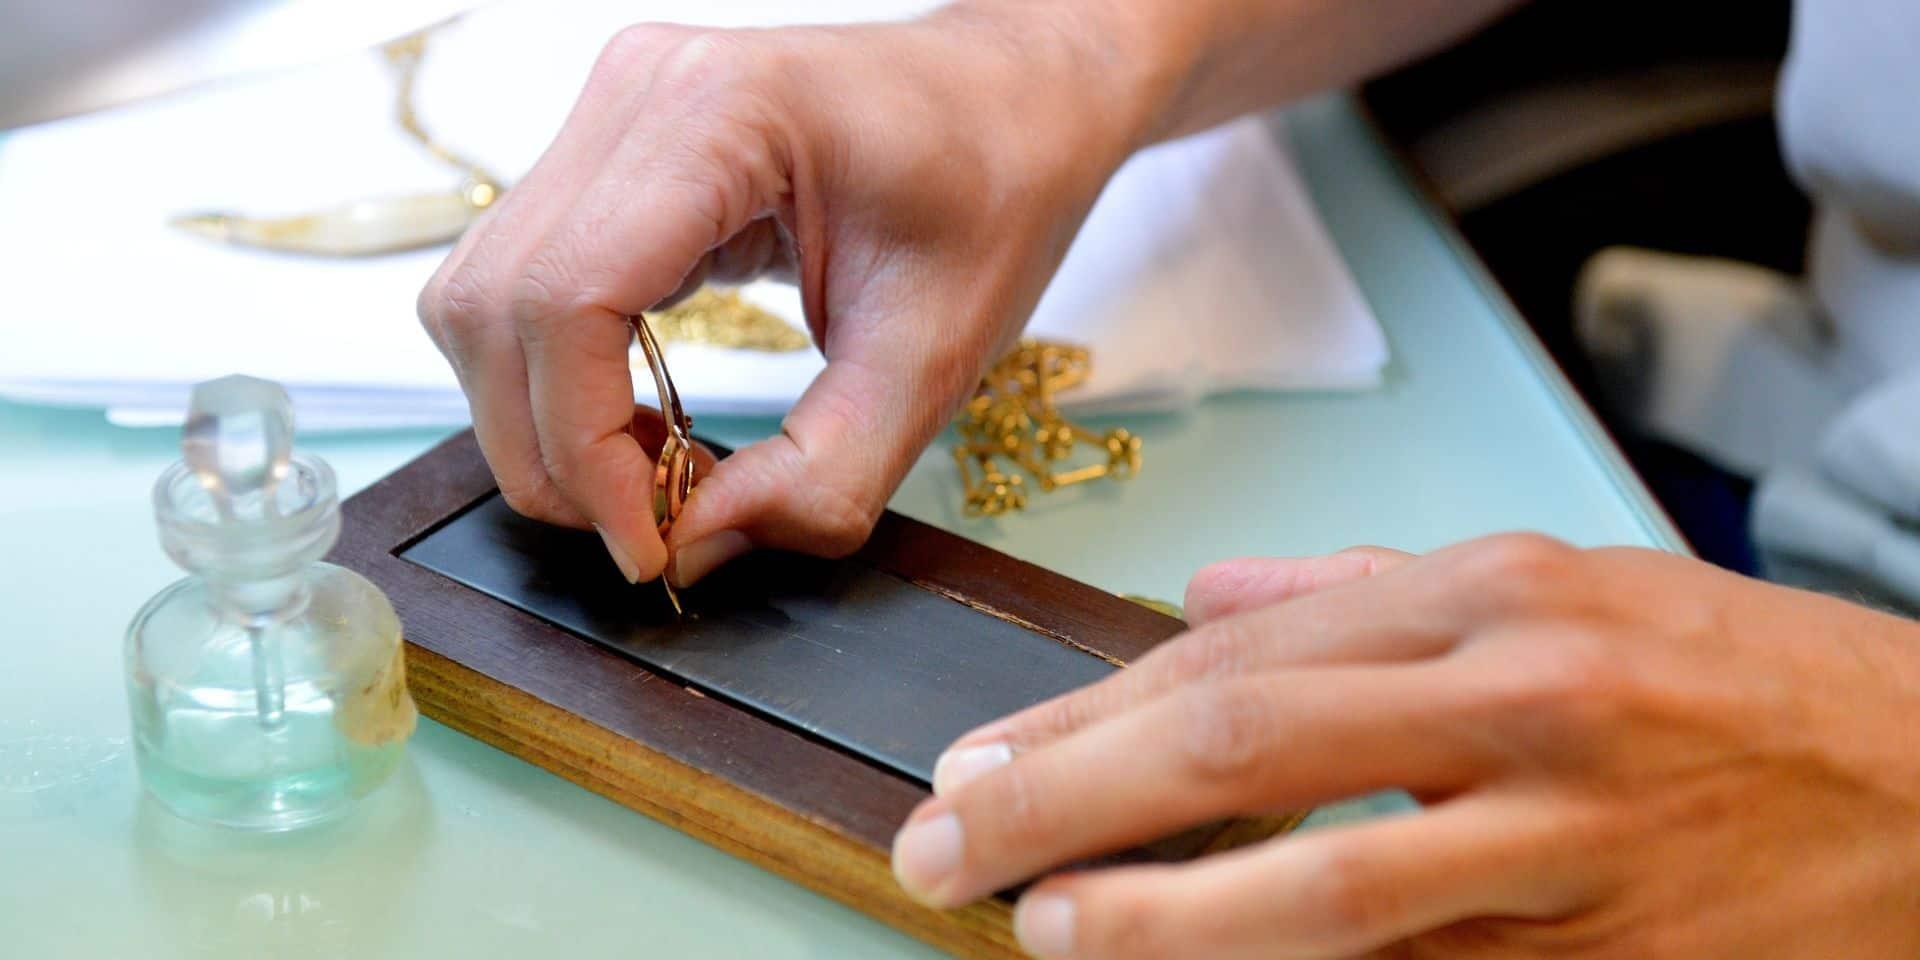 Un bijoutier de Waterloo, roulé par un vendeur d'or, parvient à le coincer grâce à une photo